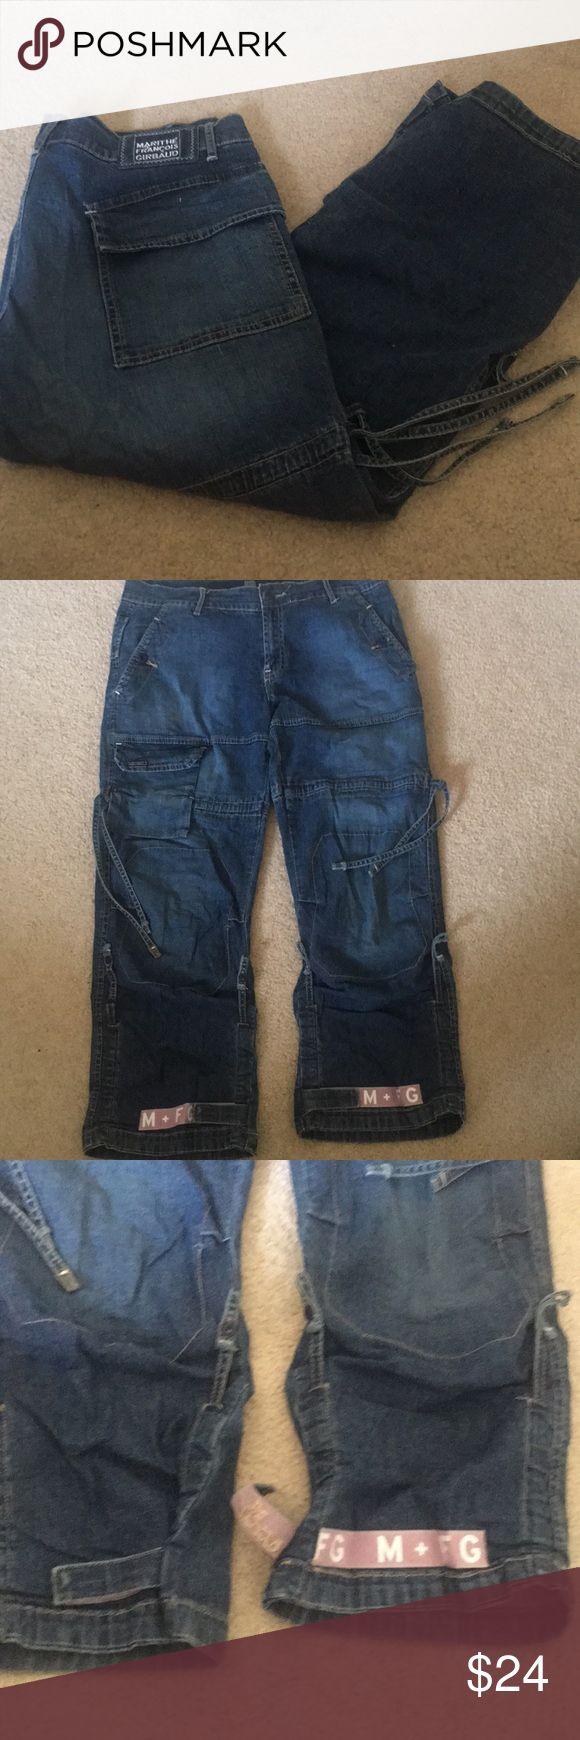 MARITHE FRANCOIS GIRBAUD JEANS MARITHE FRANCOIS GIRBAUD cago JEANS MARITHE FRANCOIS GIRBAUD Jeans